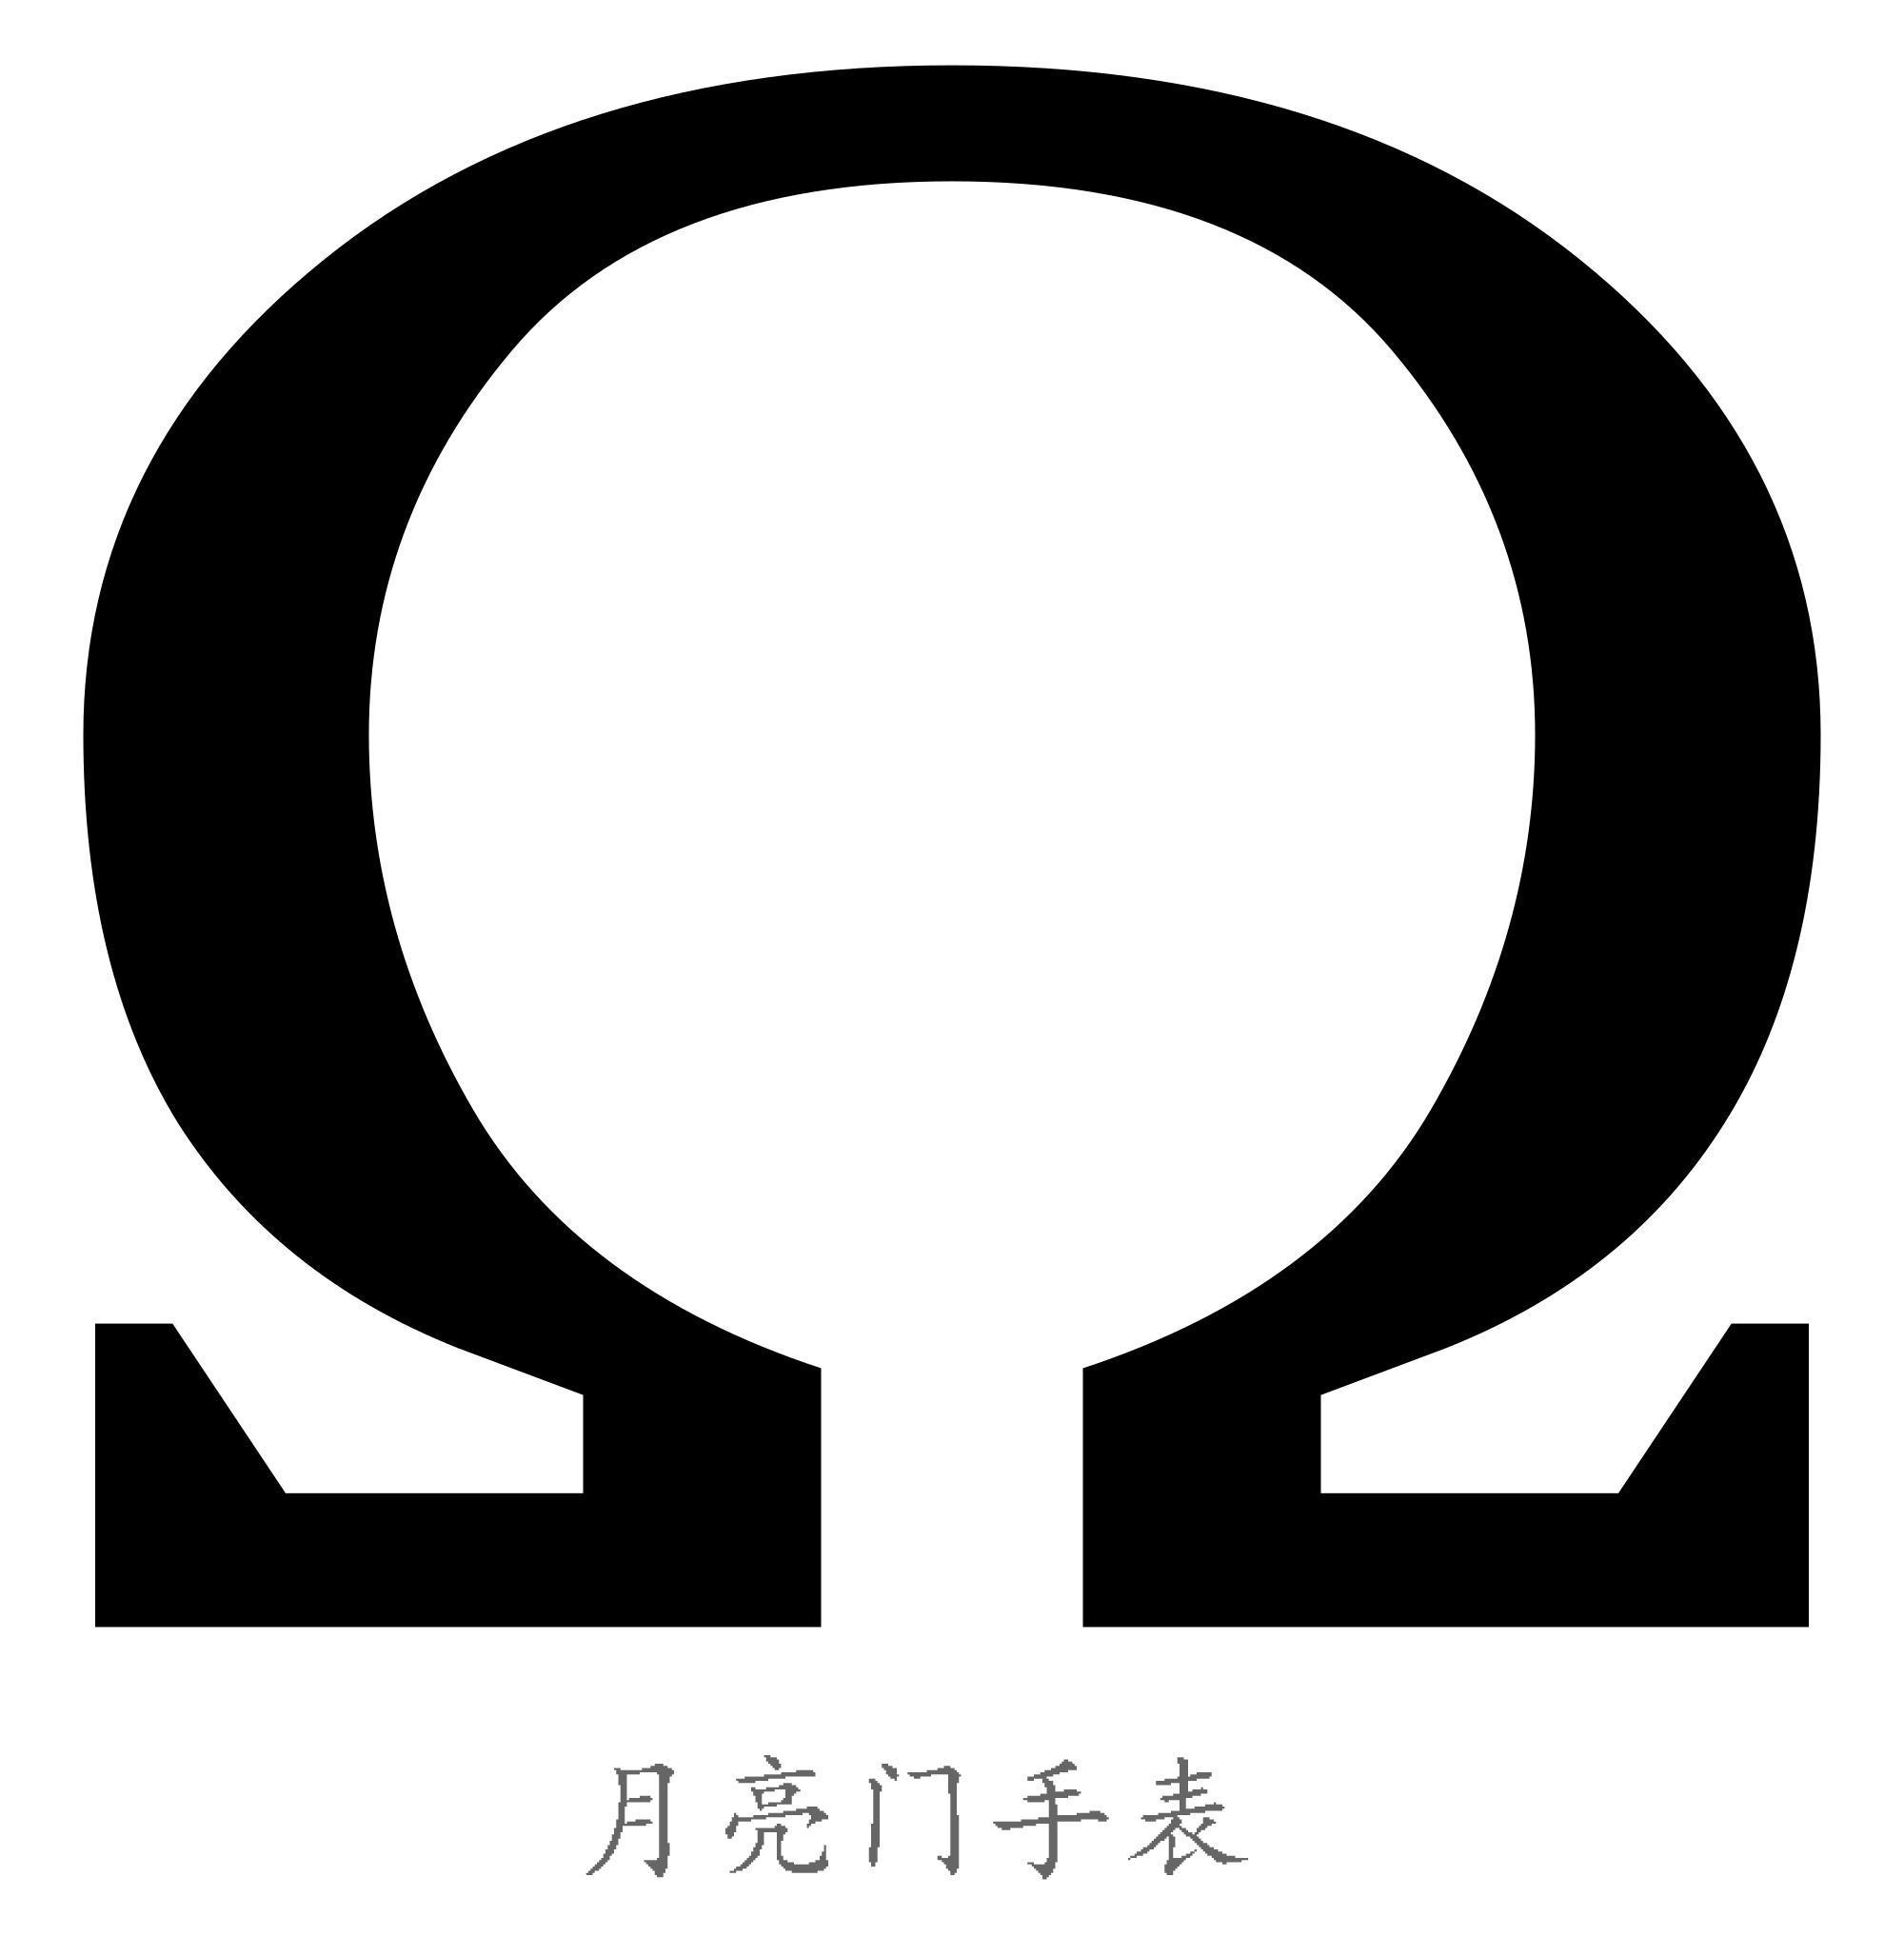 江诗丹顿logo-麦当劳 我叫金拱门谁能比我土